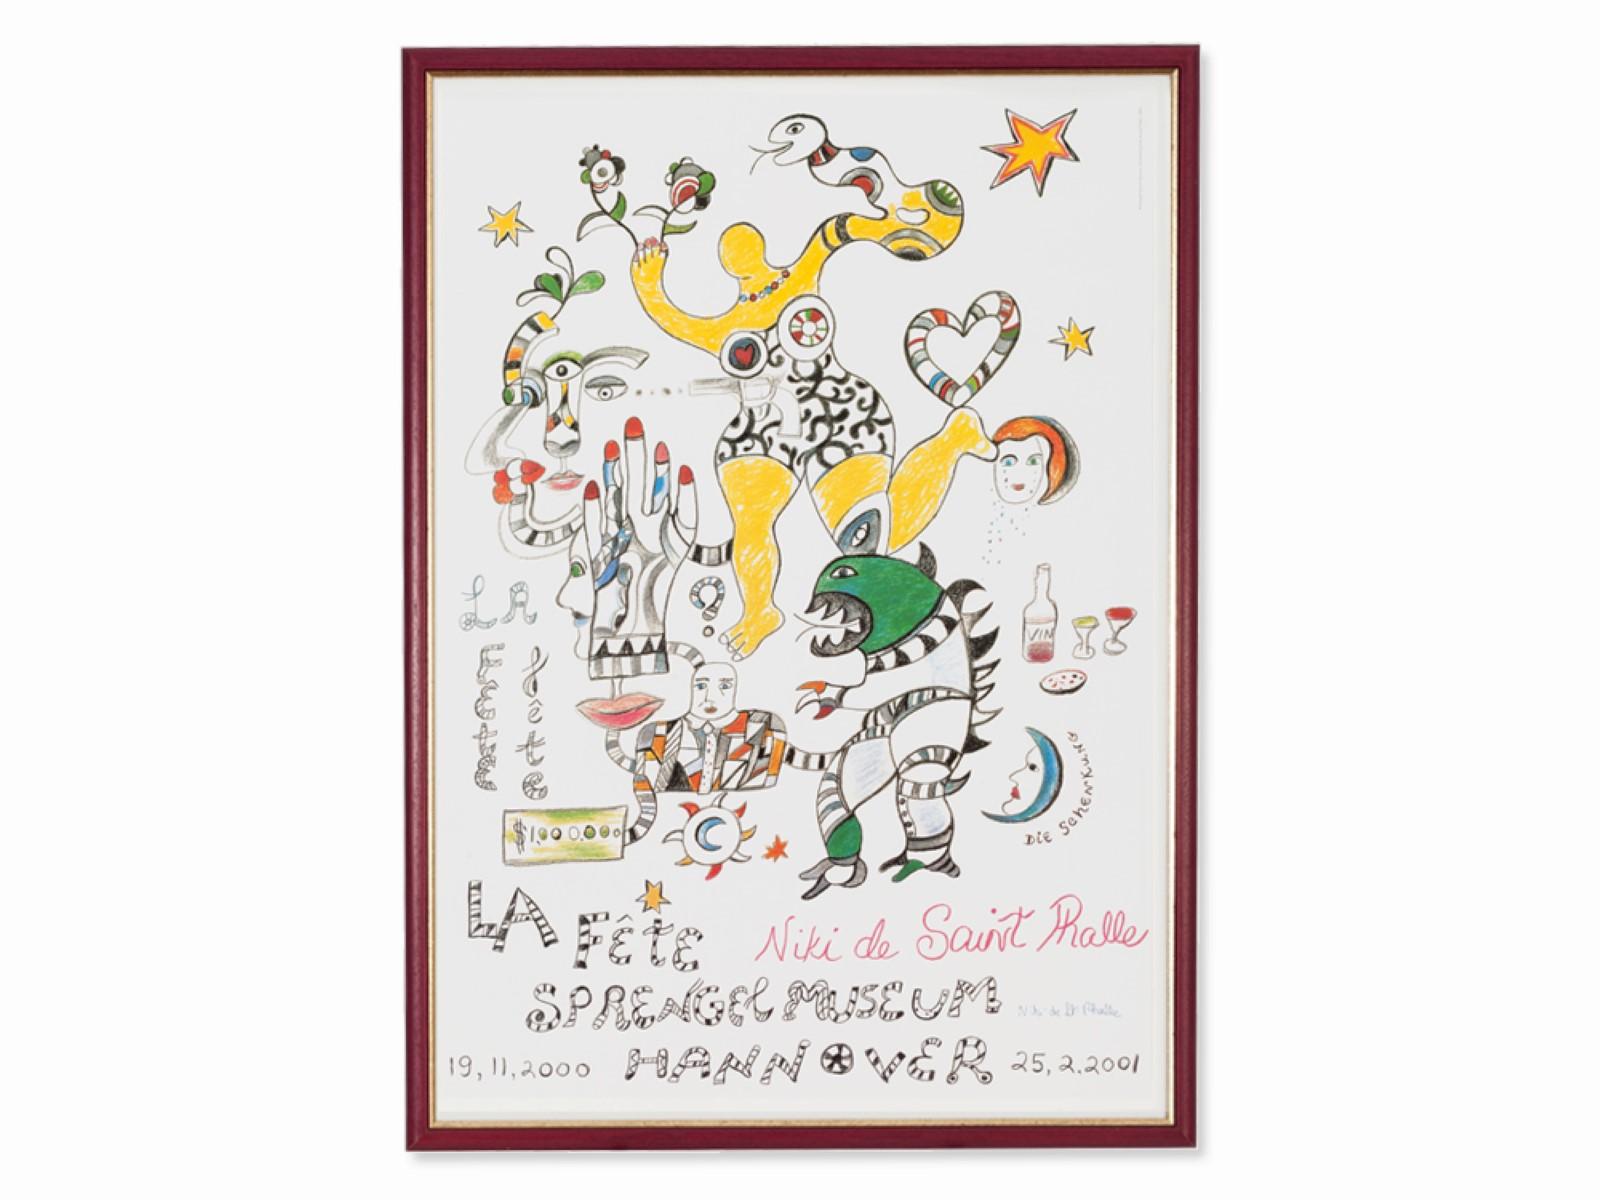 #75 Niki de Saint Phalle* (1930-2002), La Fête, the Donation | Niki de Saint Phalle* (1930–2002), La Fête, die Schenkung Image